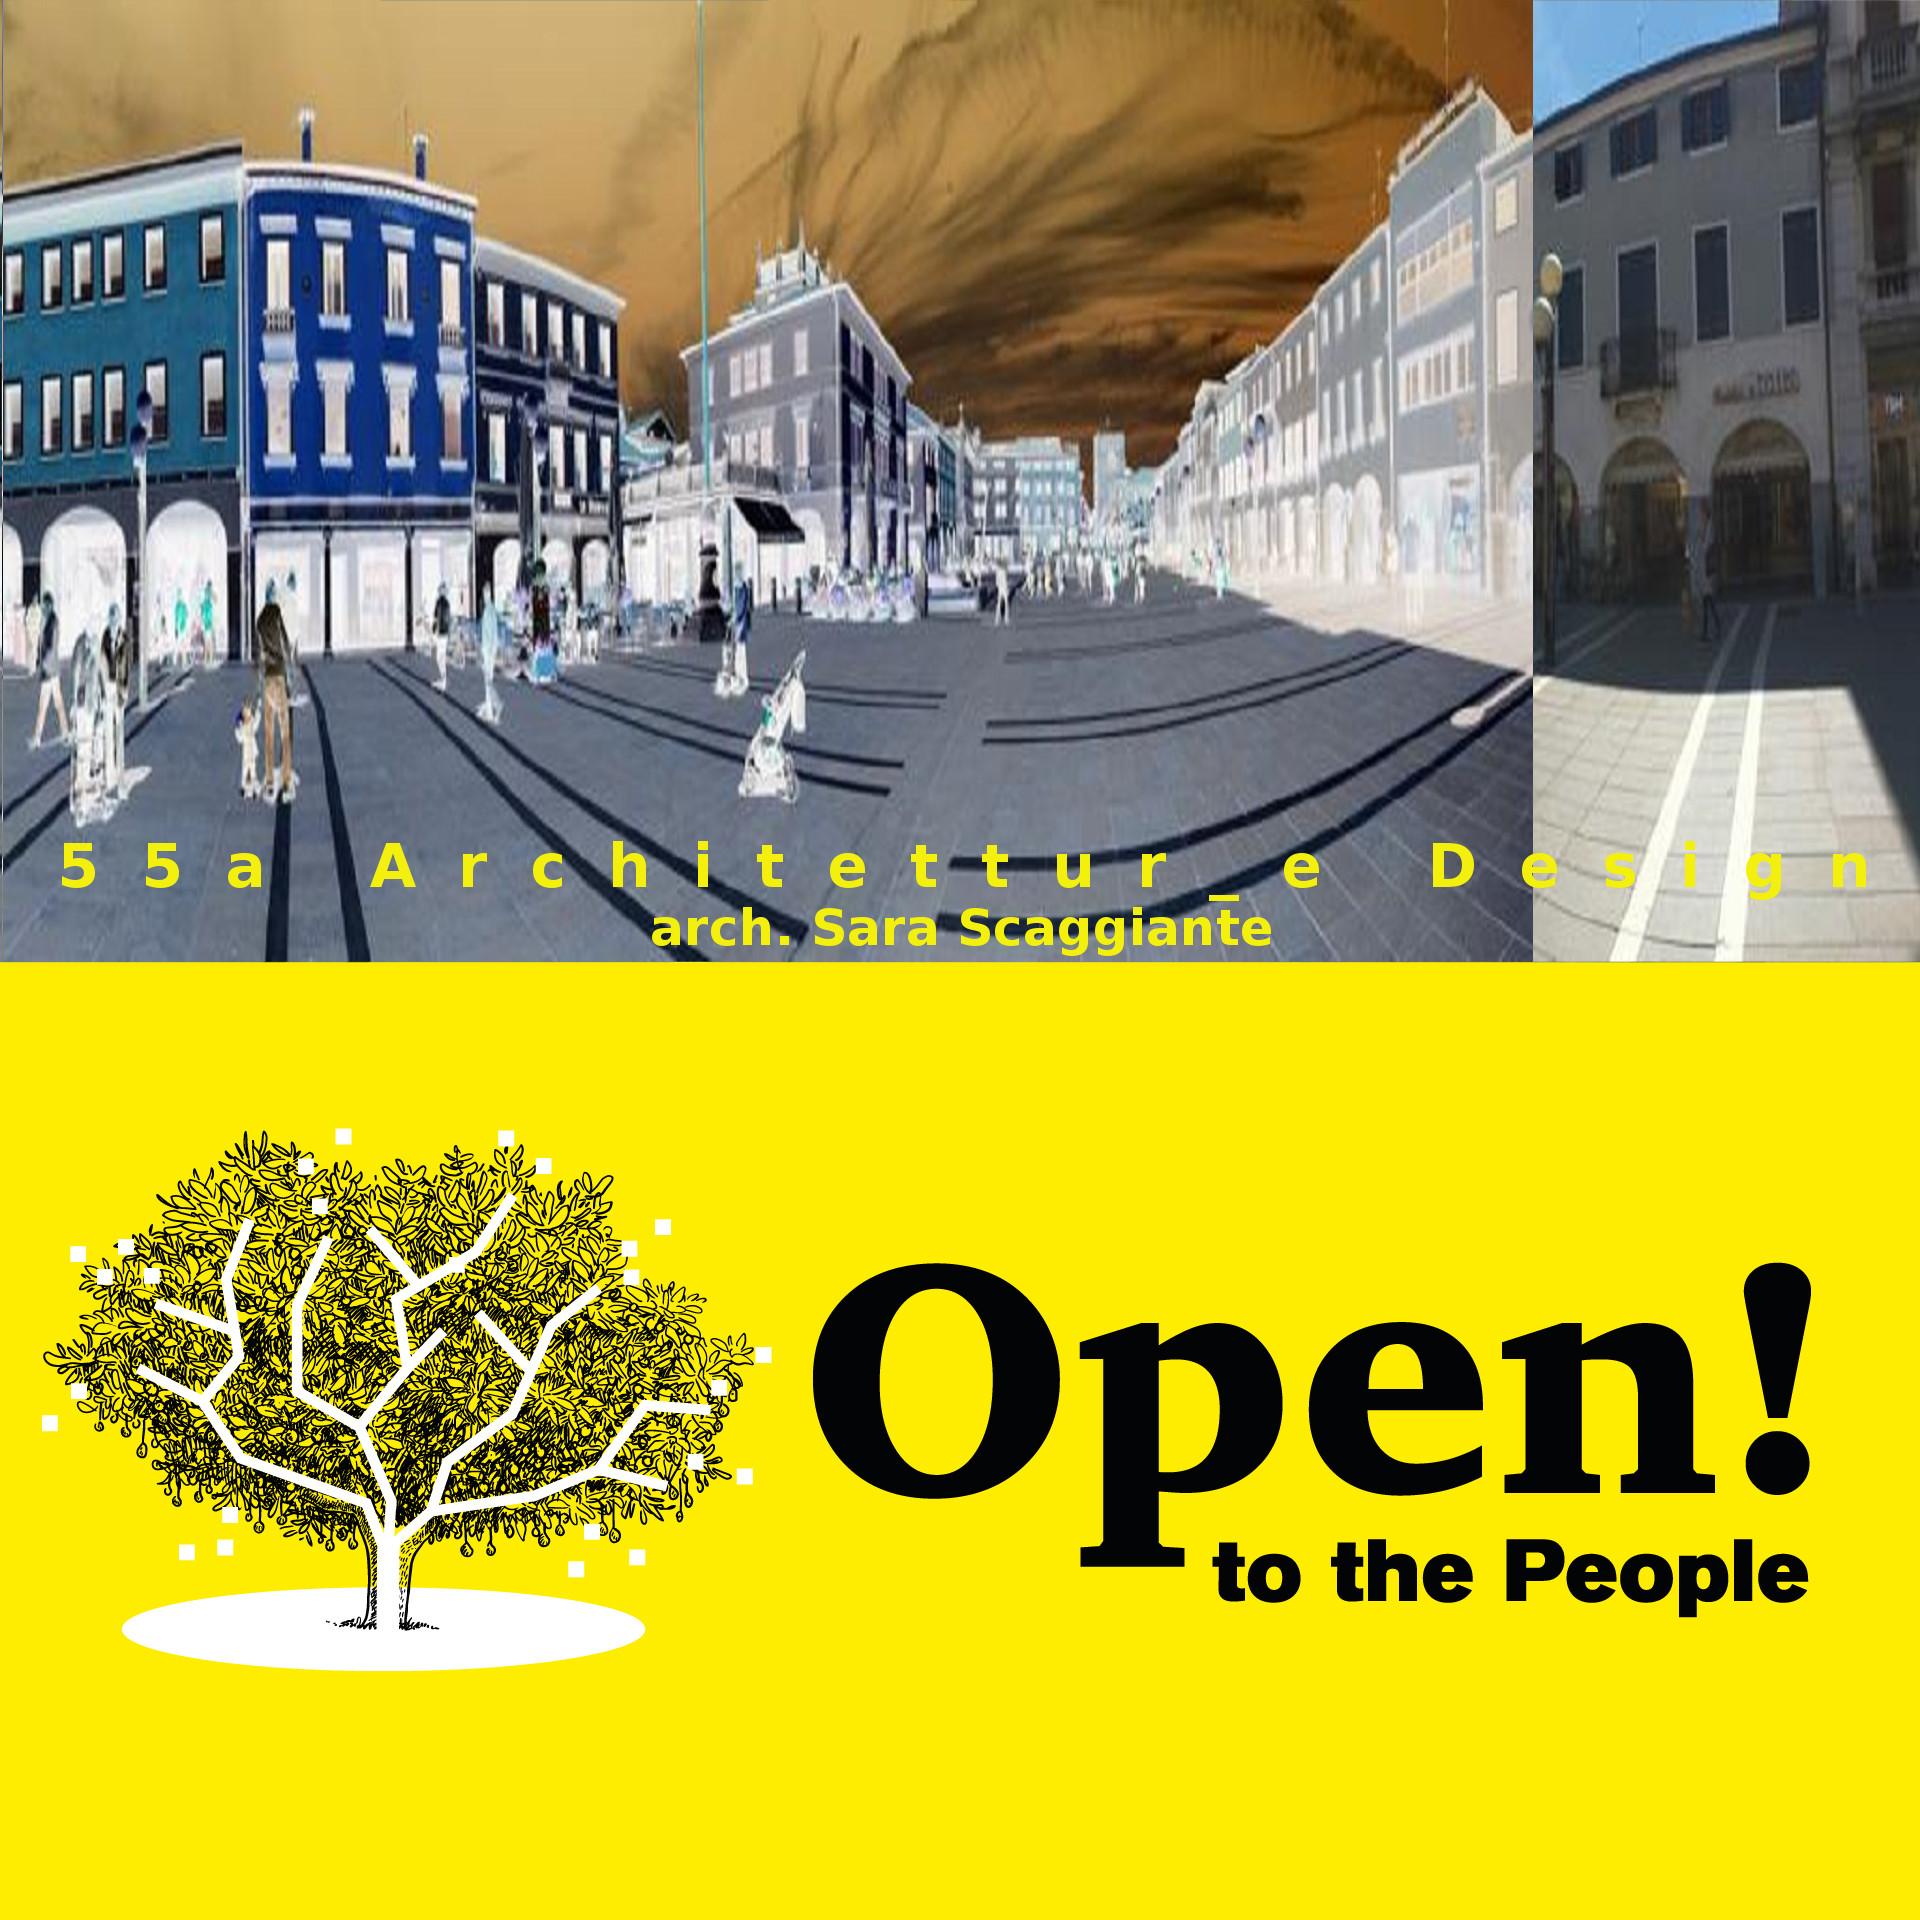 foto della piazza dov'è collocato lo studio